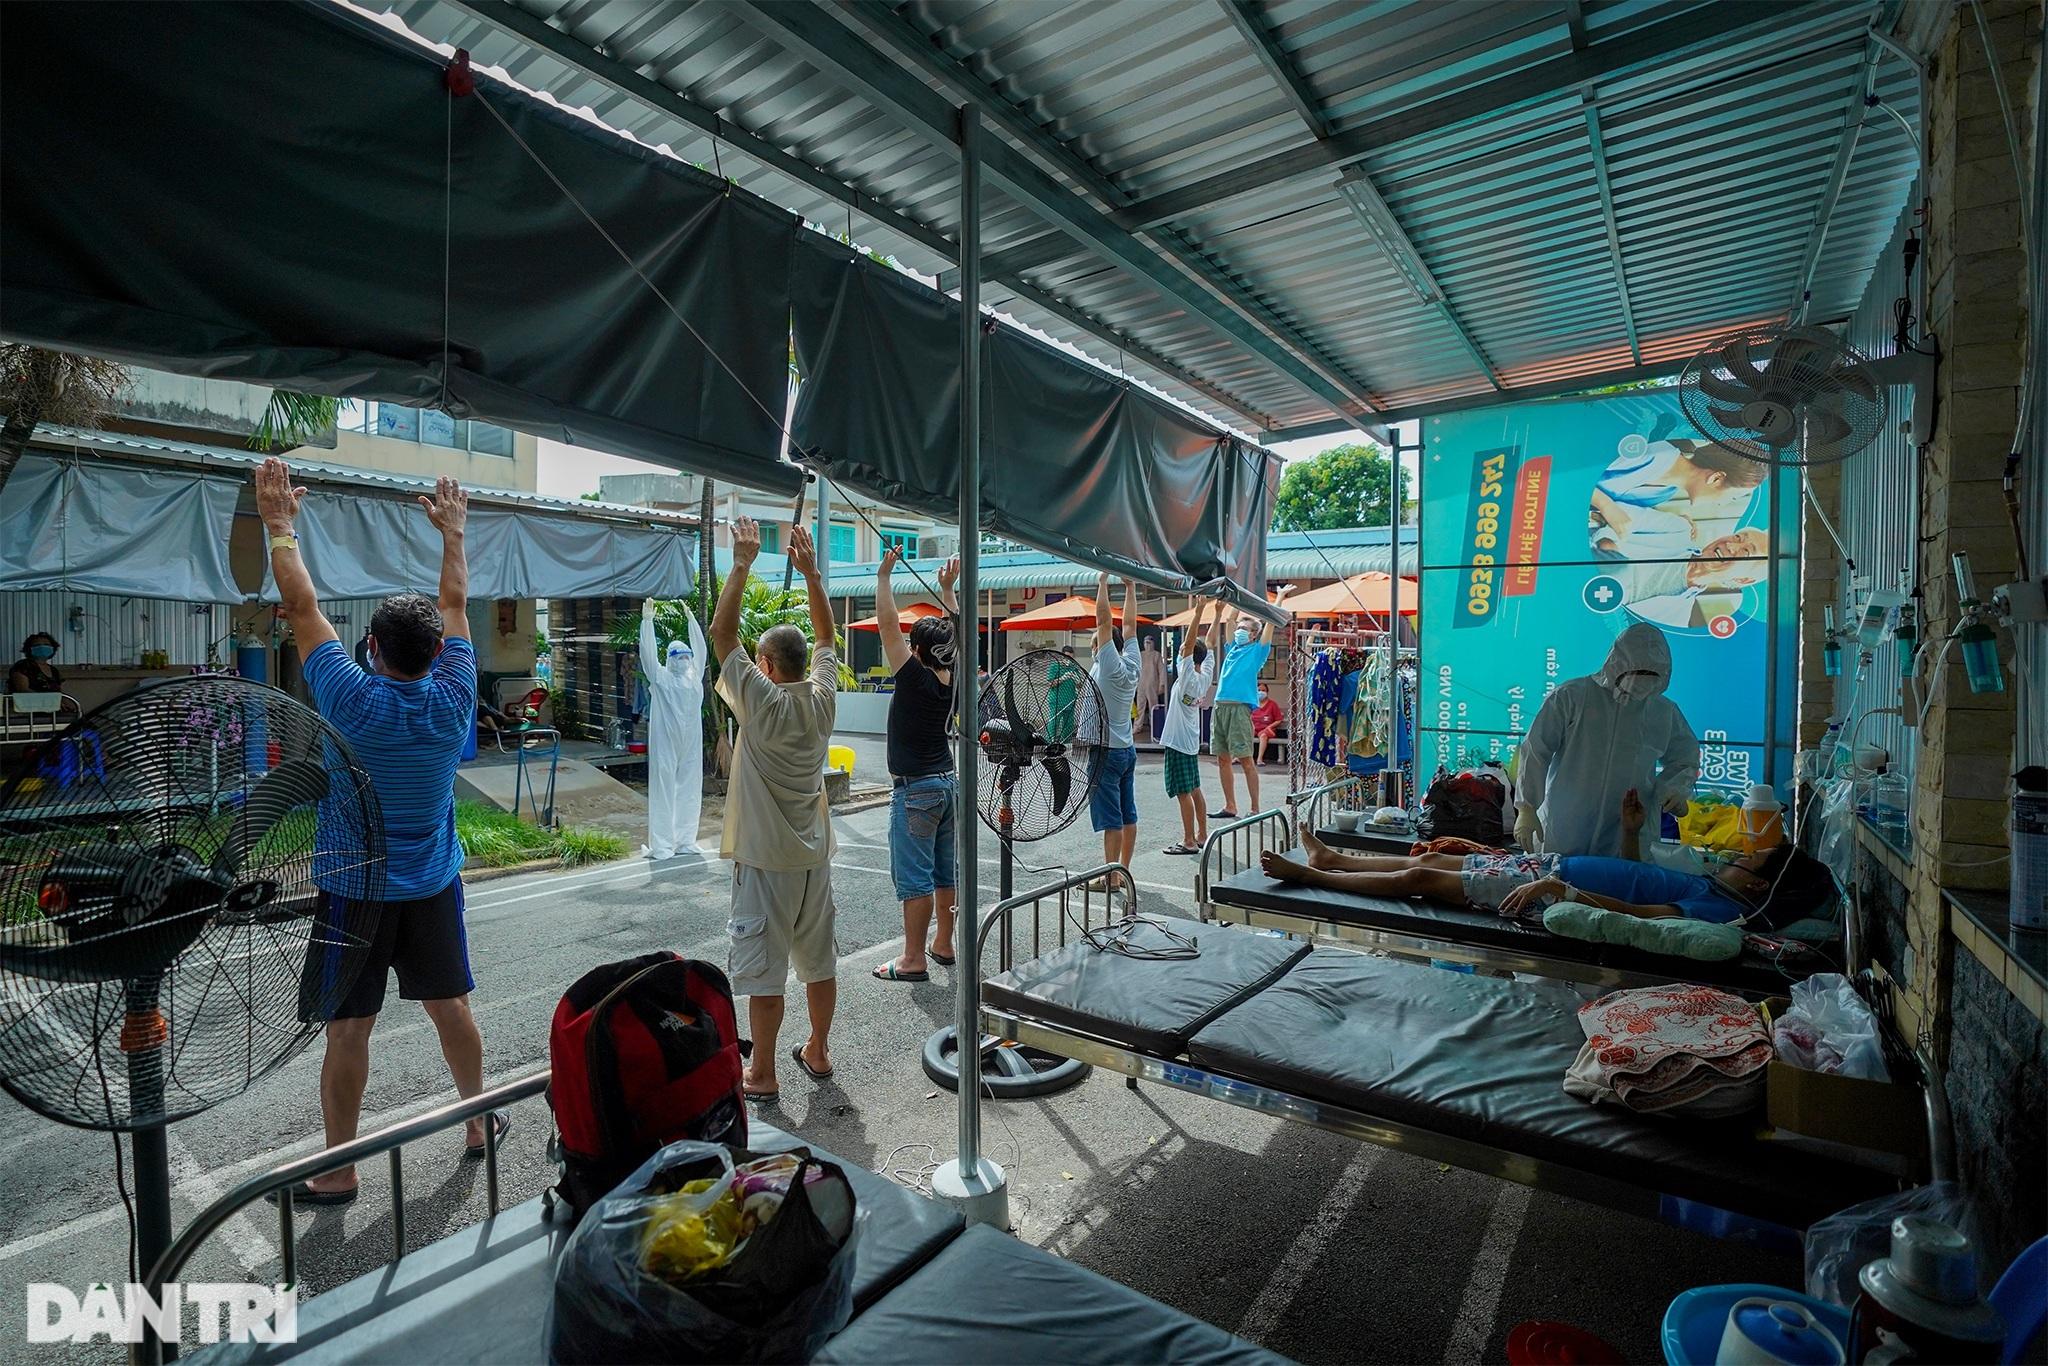 Ảnh tuần: Nghìn người xếp hàng tiêm ở Cung, bộ đội dầm mưa bão giúp dân - 4